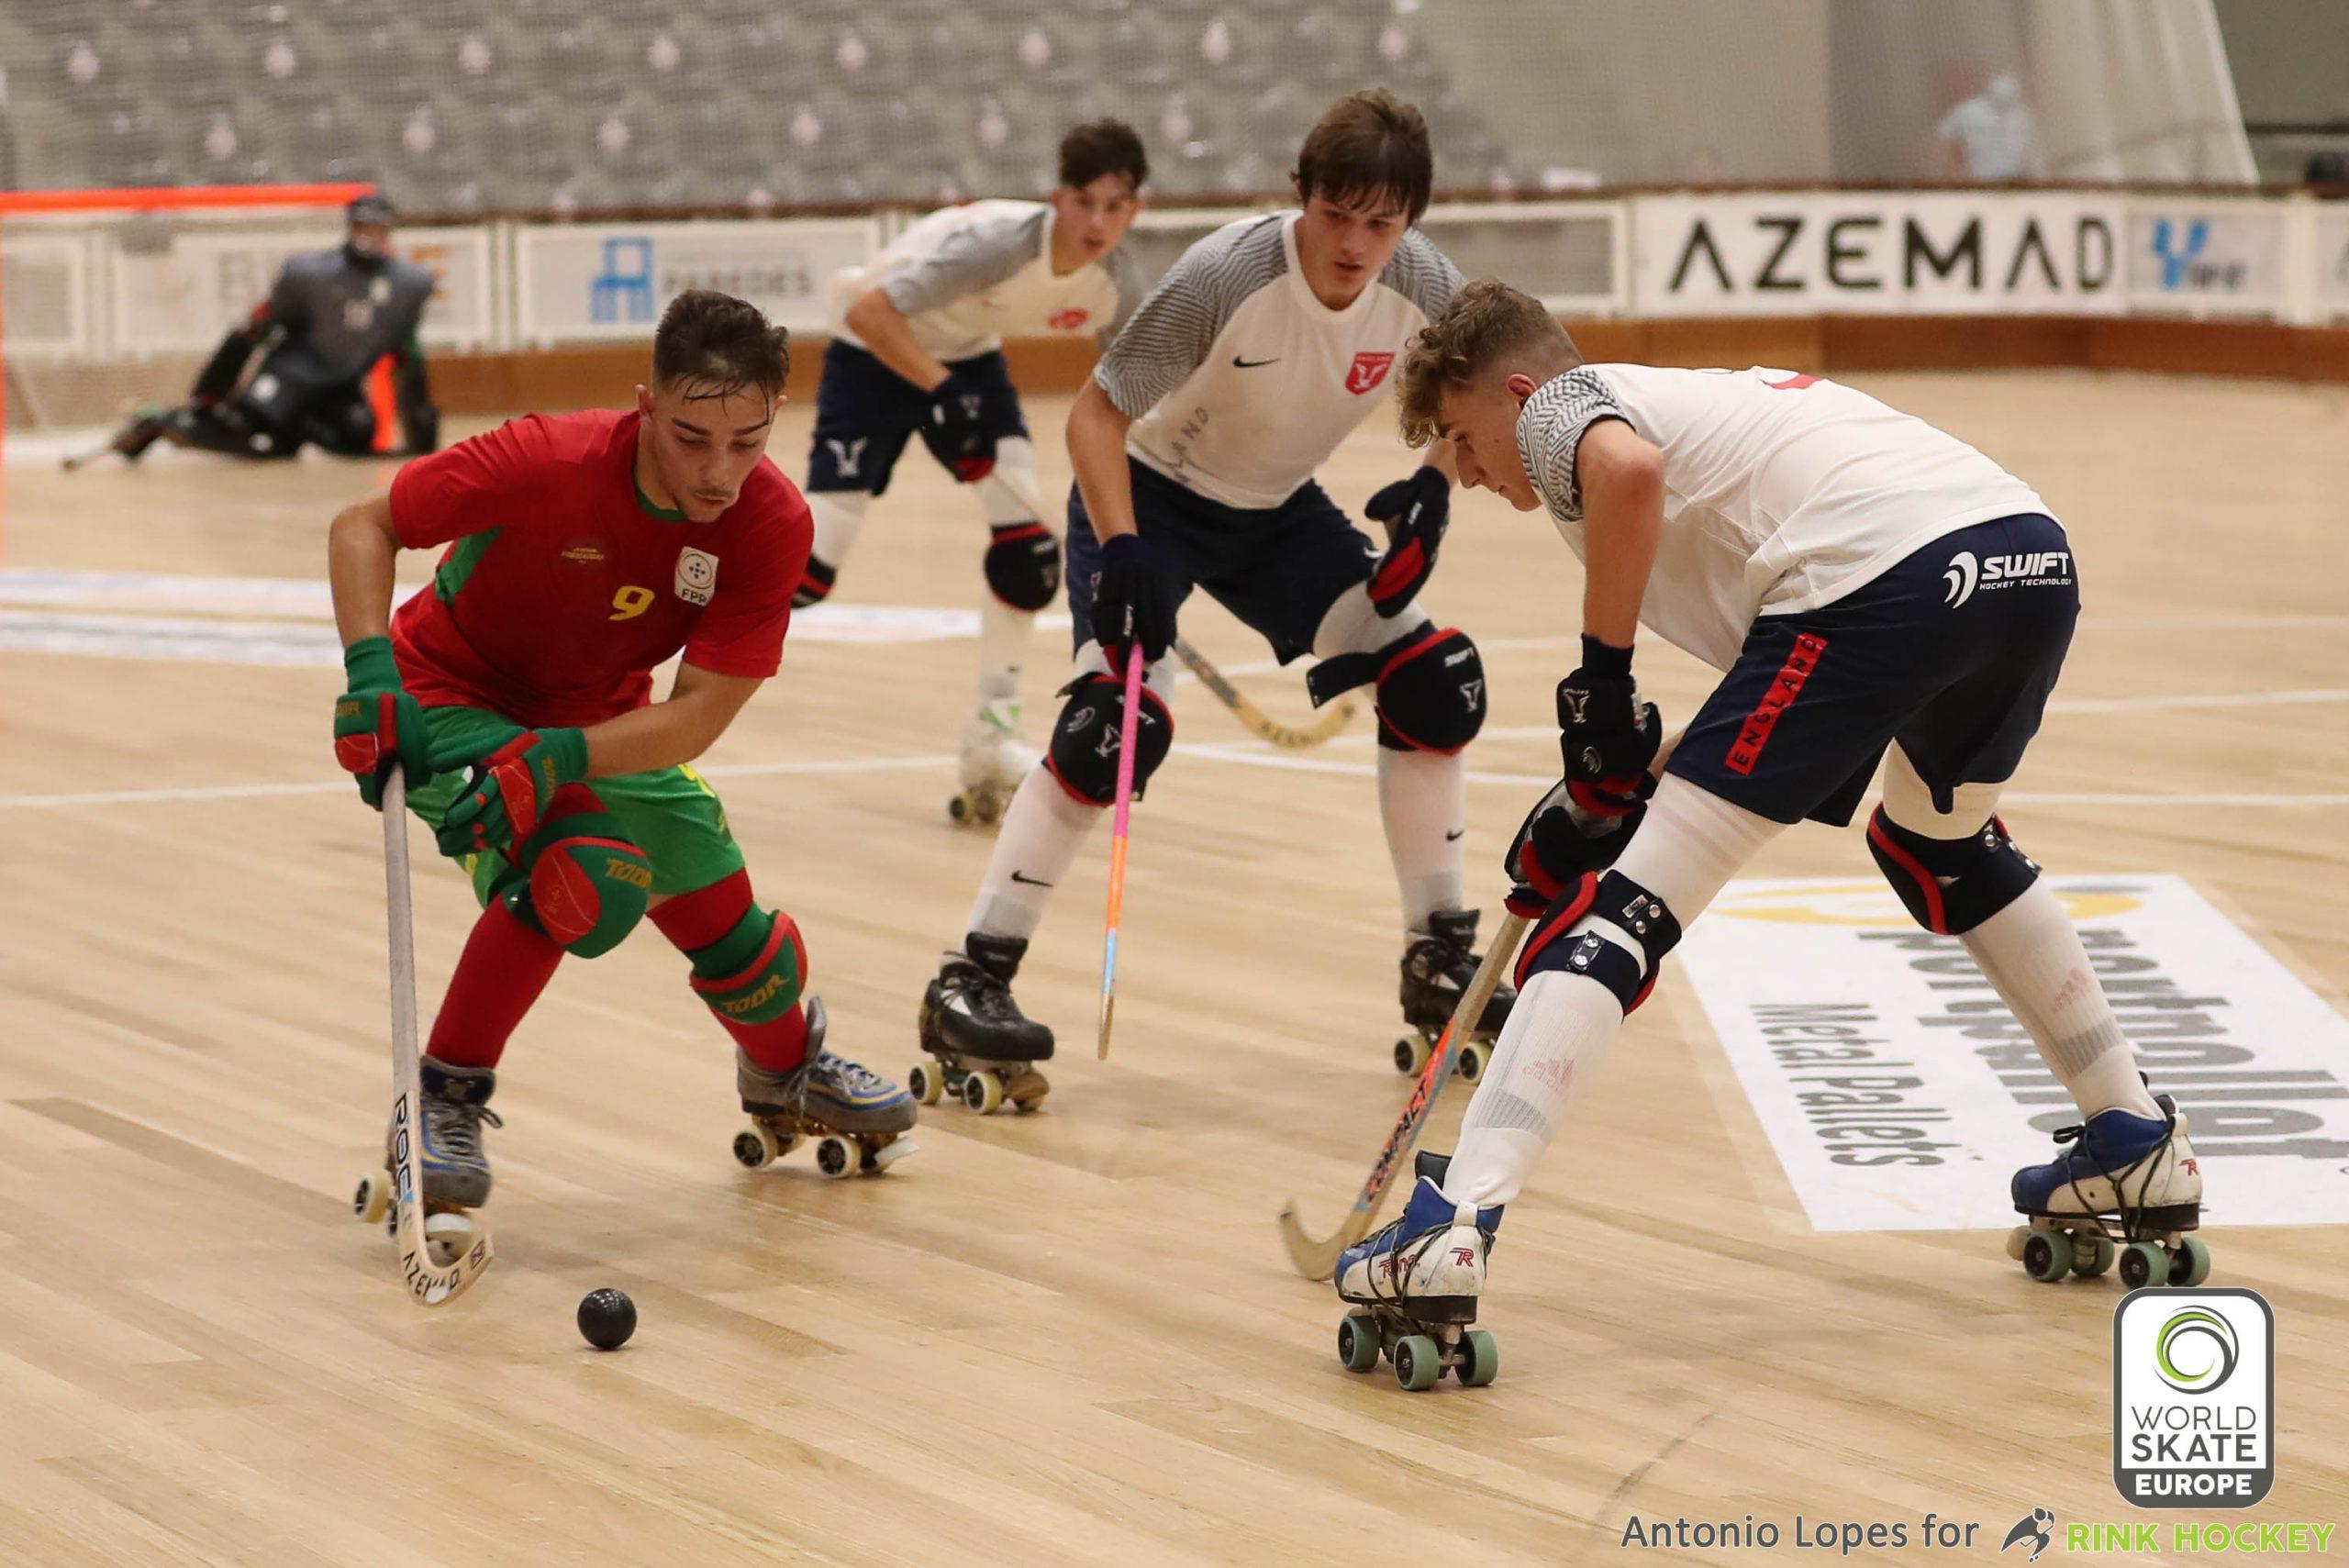 PHOTOS - 07-09-2021 - EURO U19 - PAREDES 2021 - Match #205 - Portugal x England